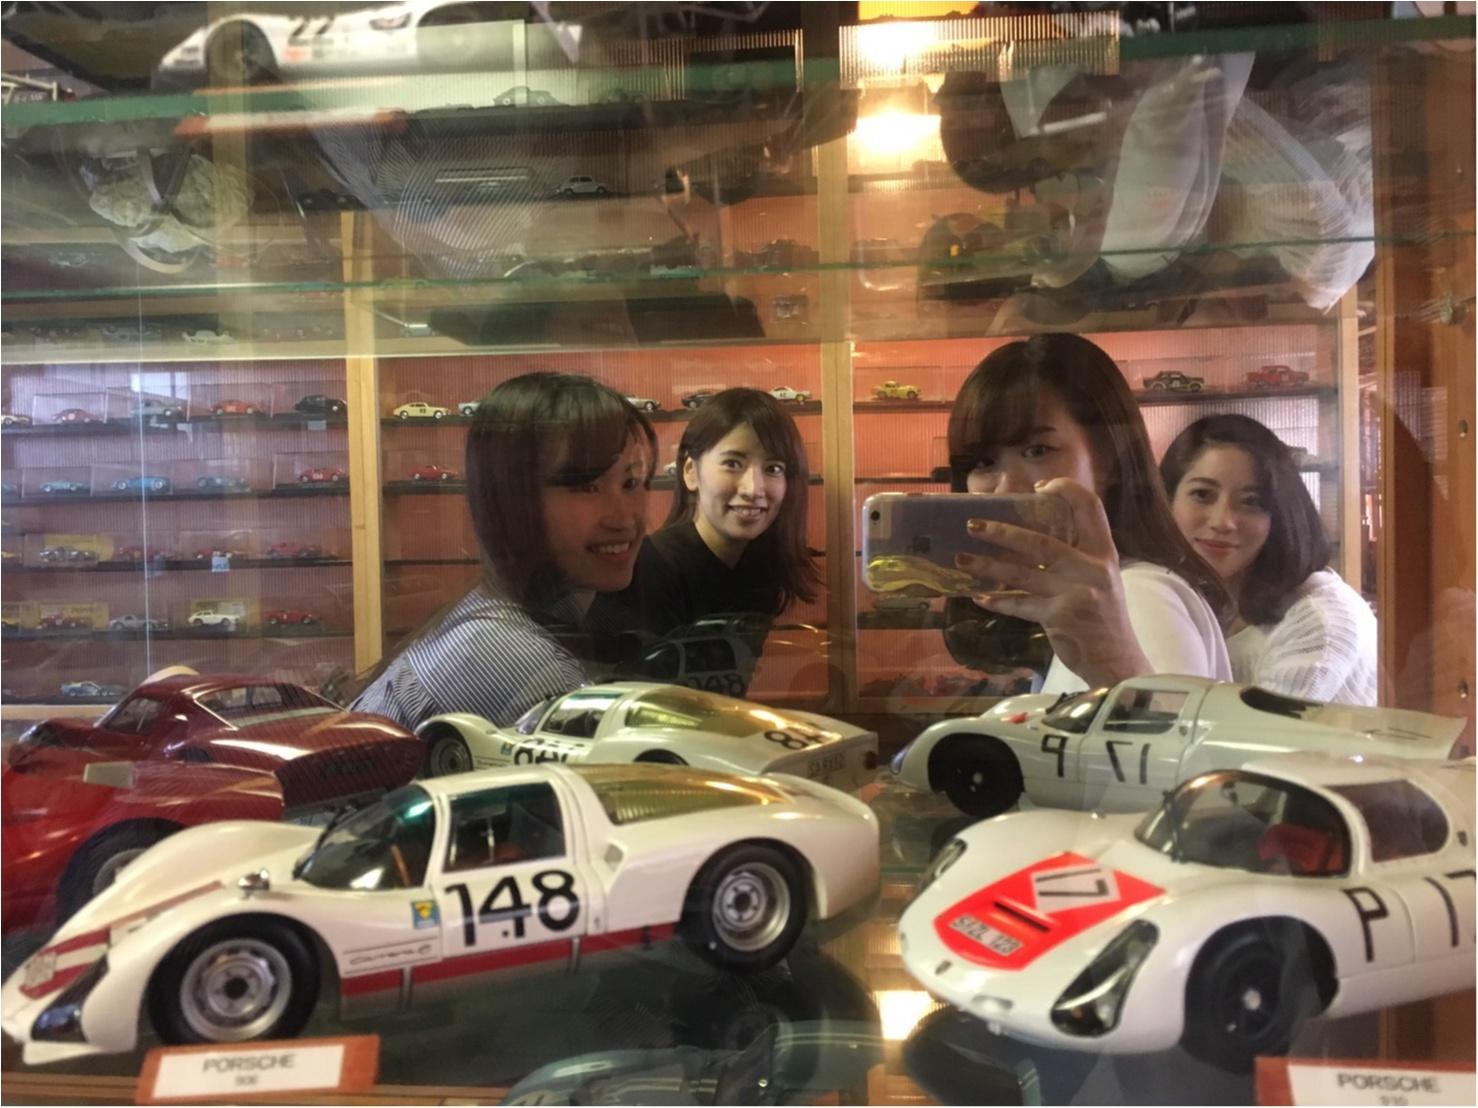 【女子旅におすすめ♡】会津でスイーツ&カフェを巡ってまち歩き。とっても美味しい《ひやあつスイーツ》を発見!_6